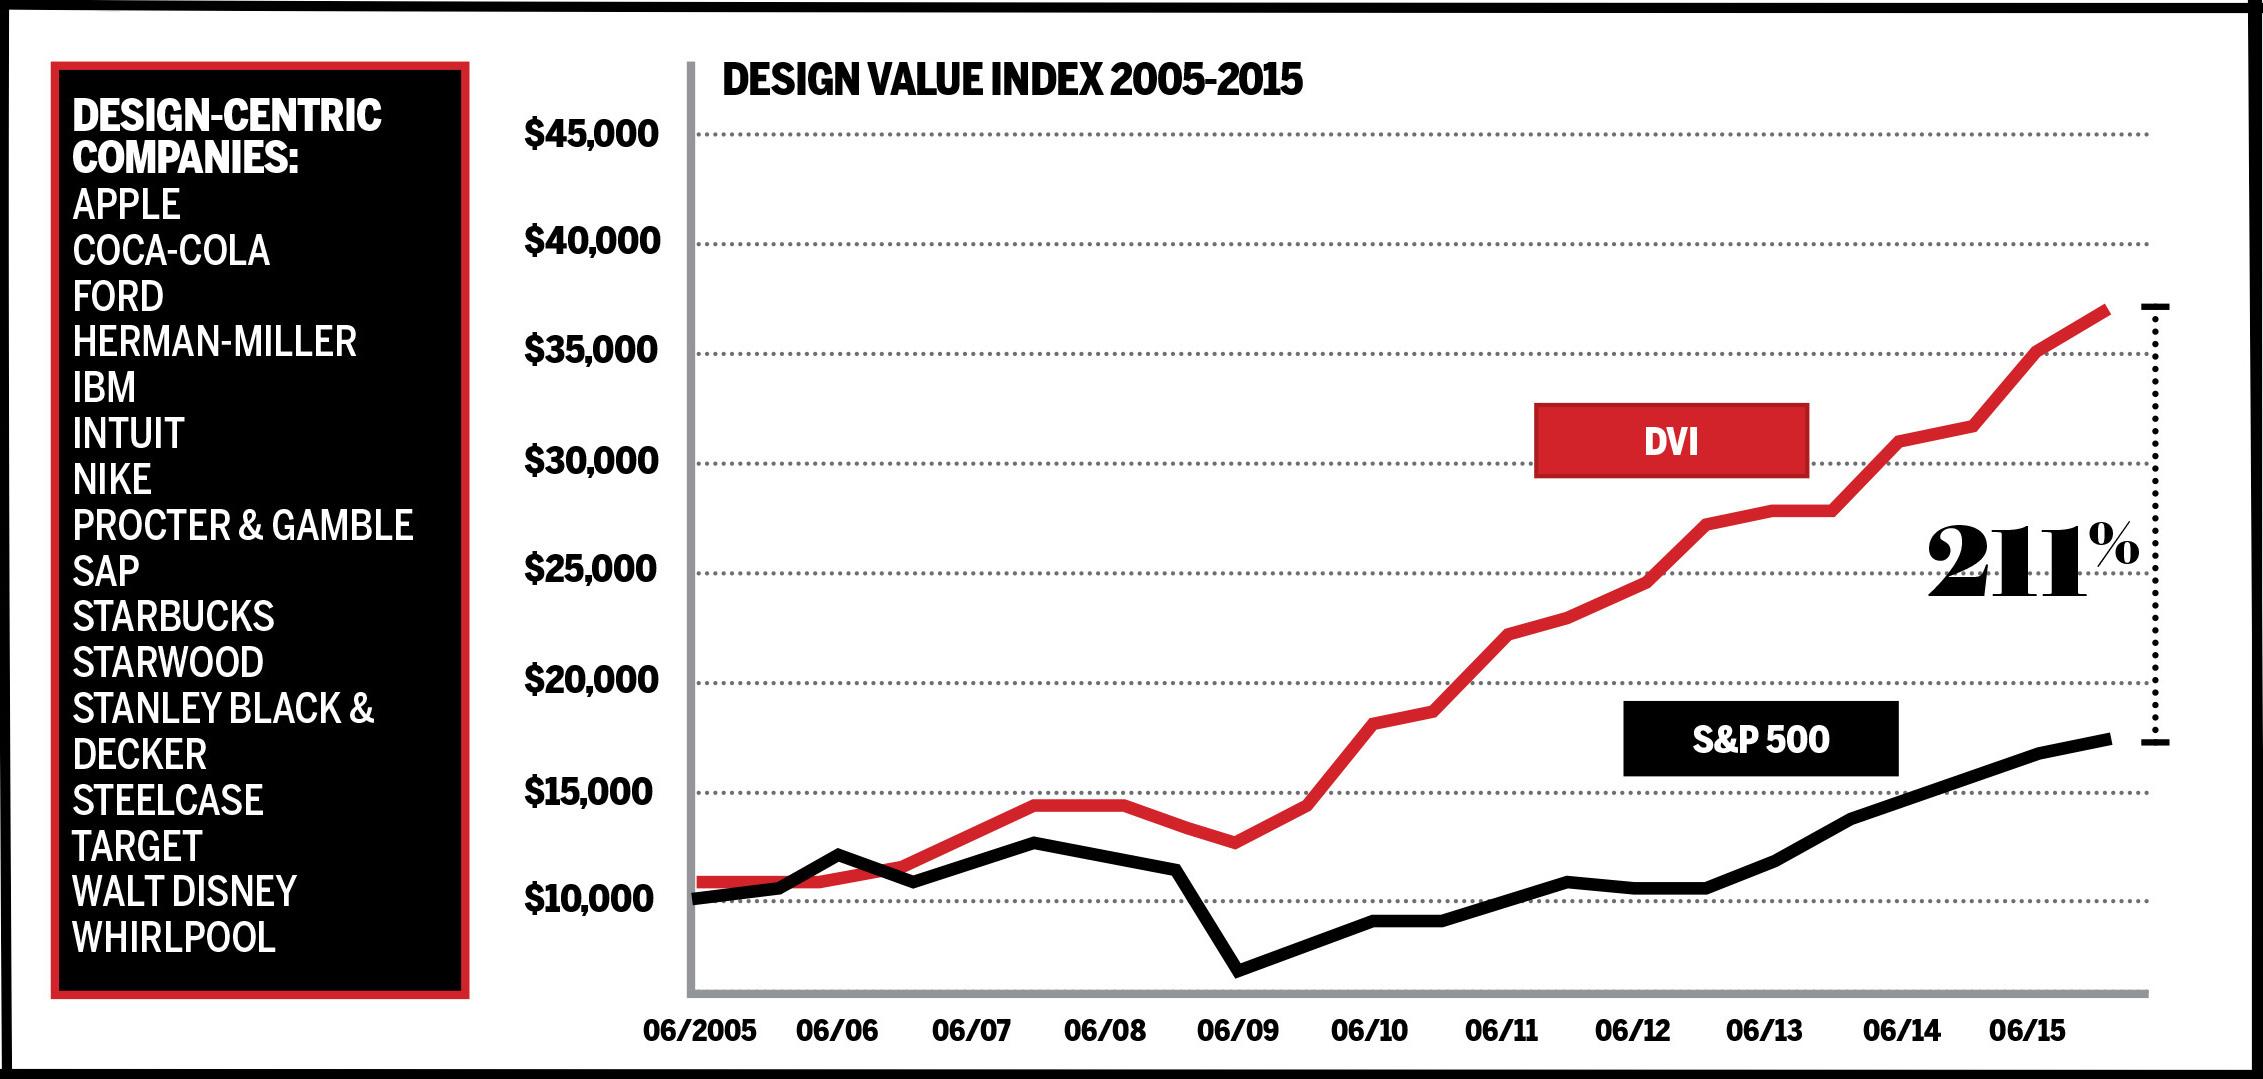 DMI Design Value Index 2015